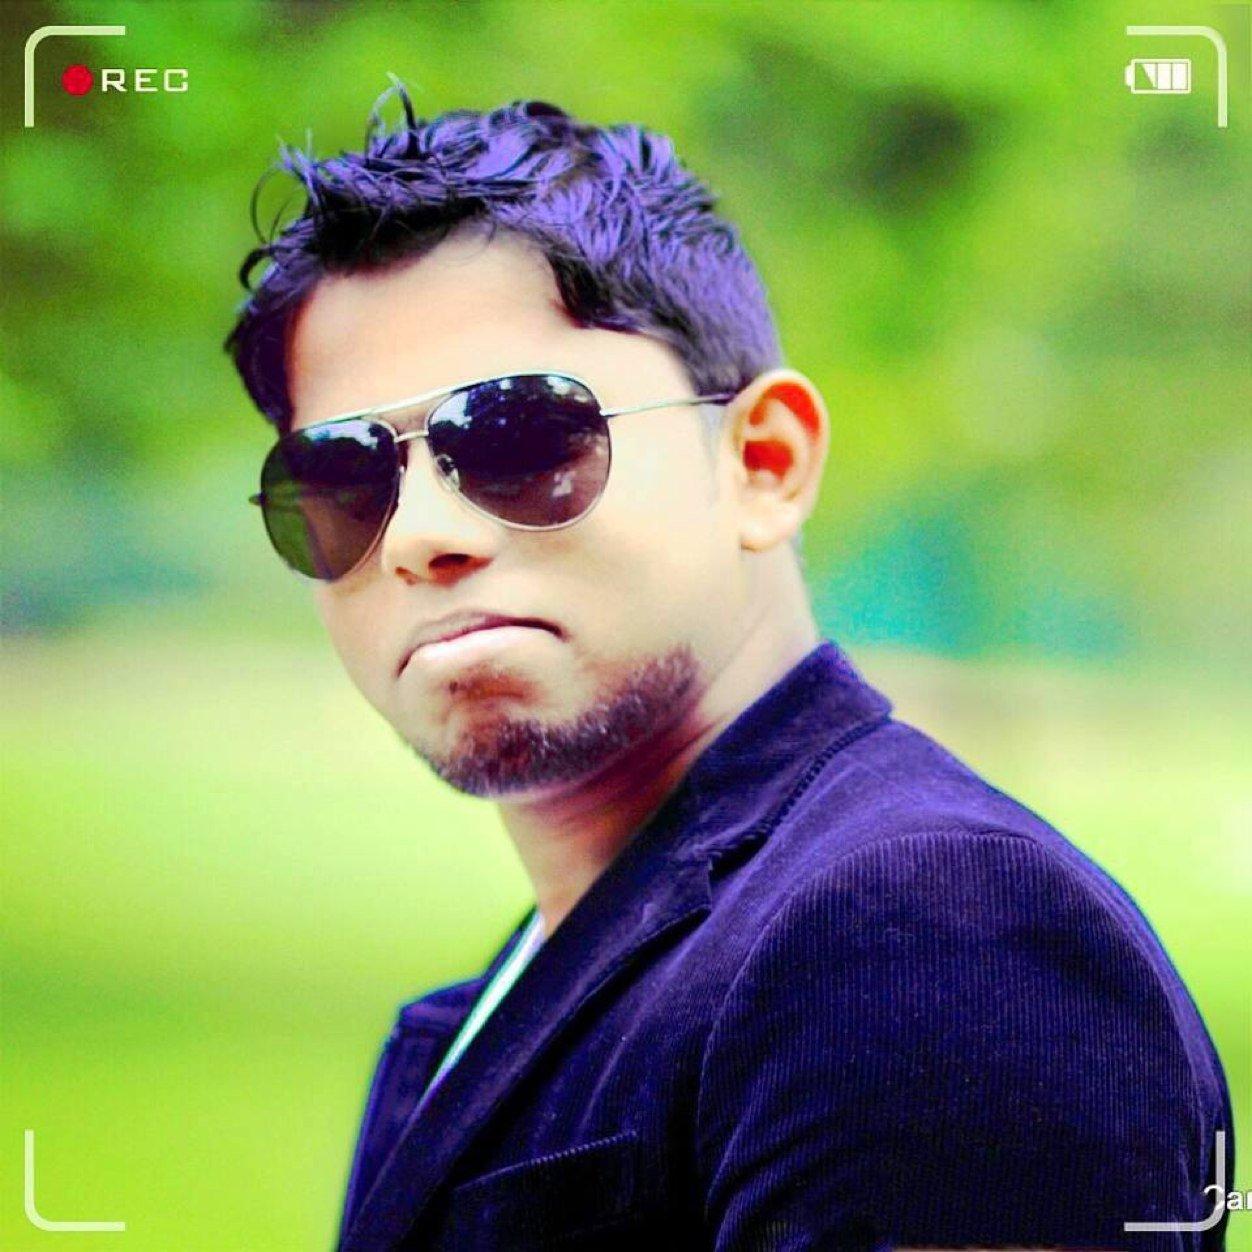 @FazmeerRasheed